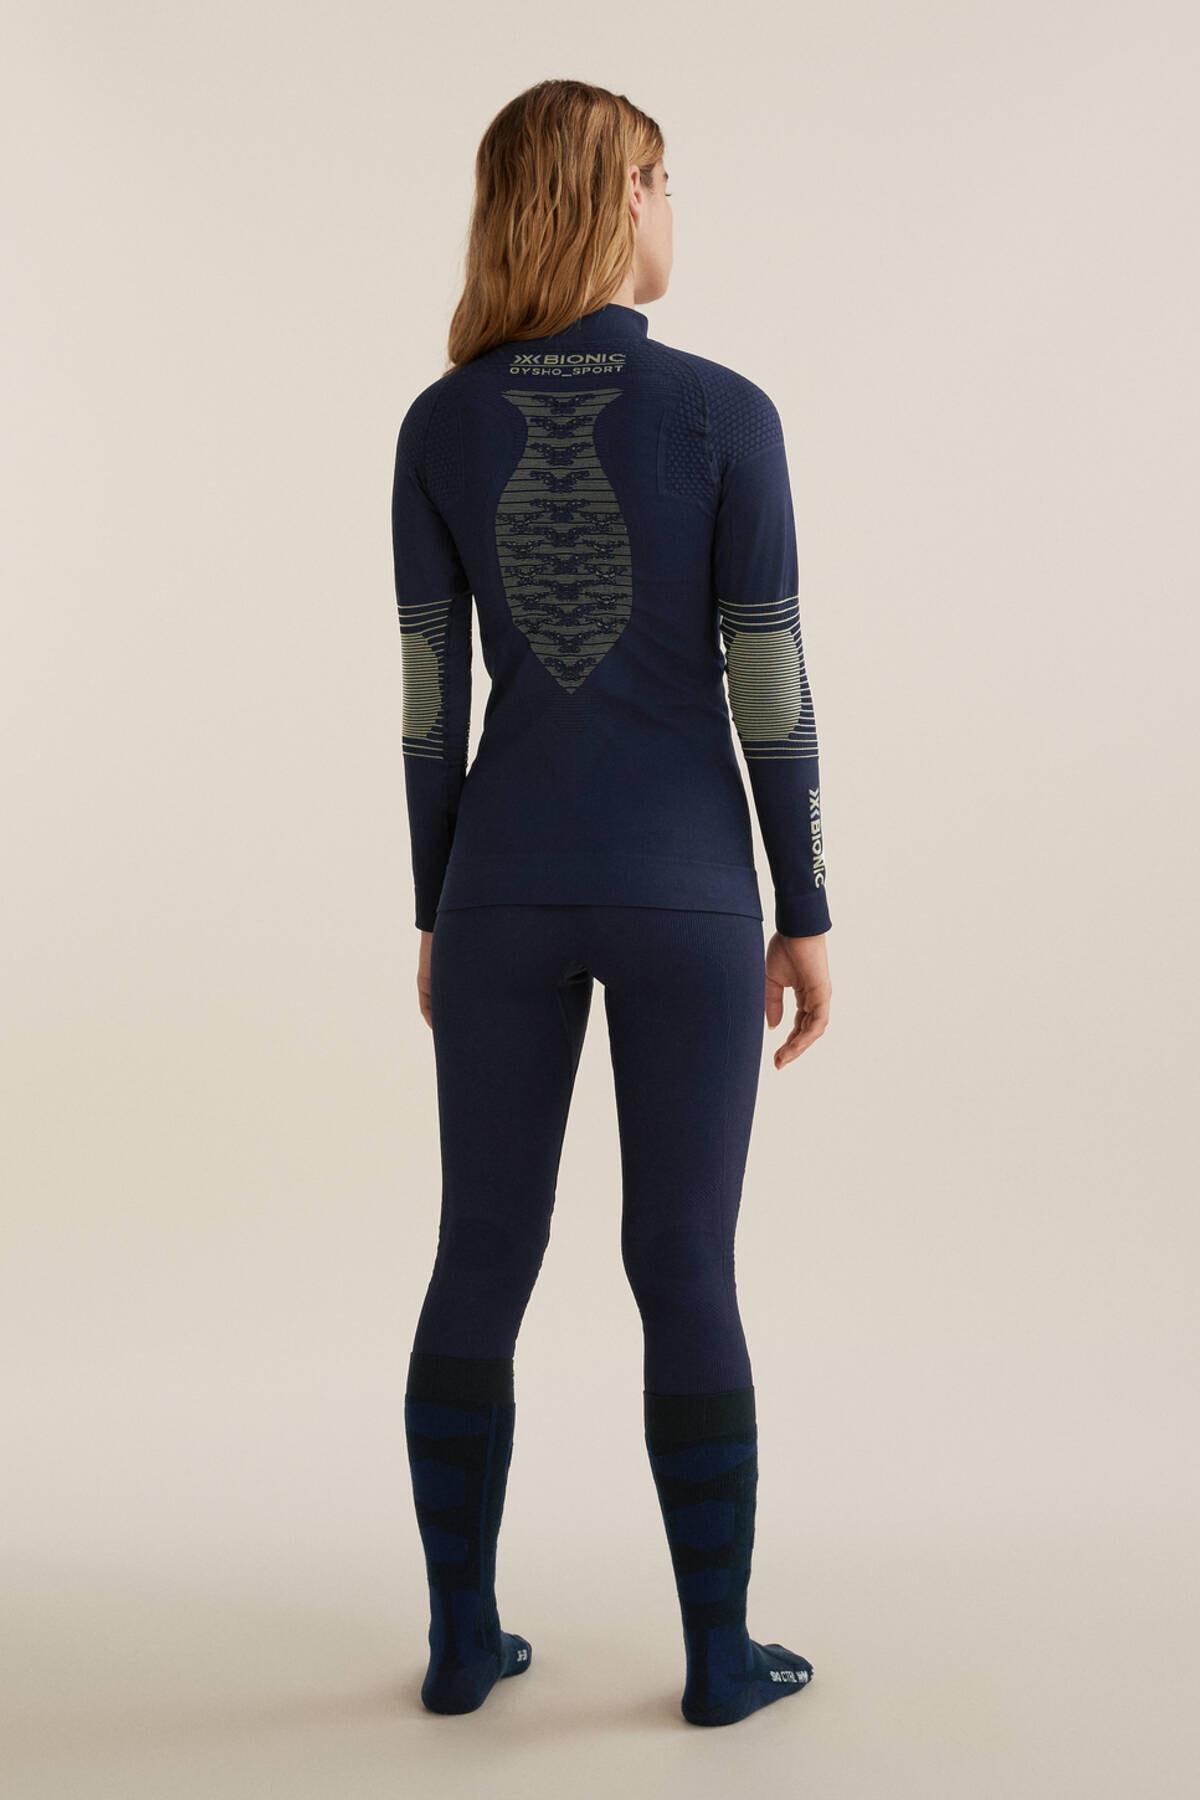 Oysho Kadın Deniz Mavisi Dikişsiz Teknik Kayak Taytı X-Bionic Energizer® 4.0 2